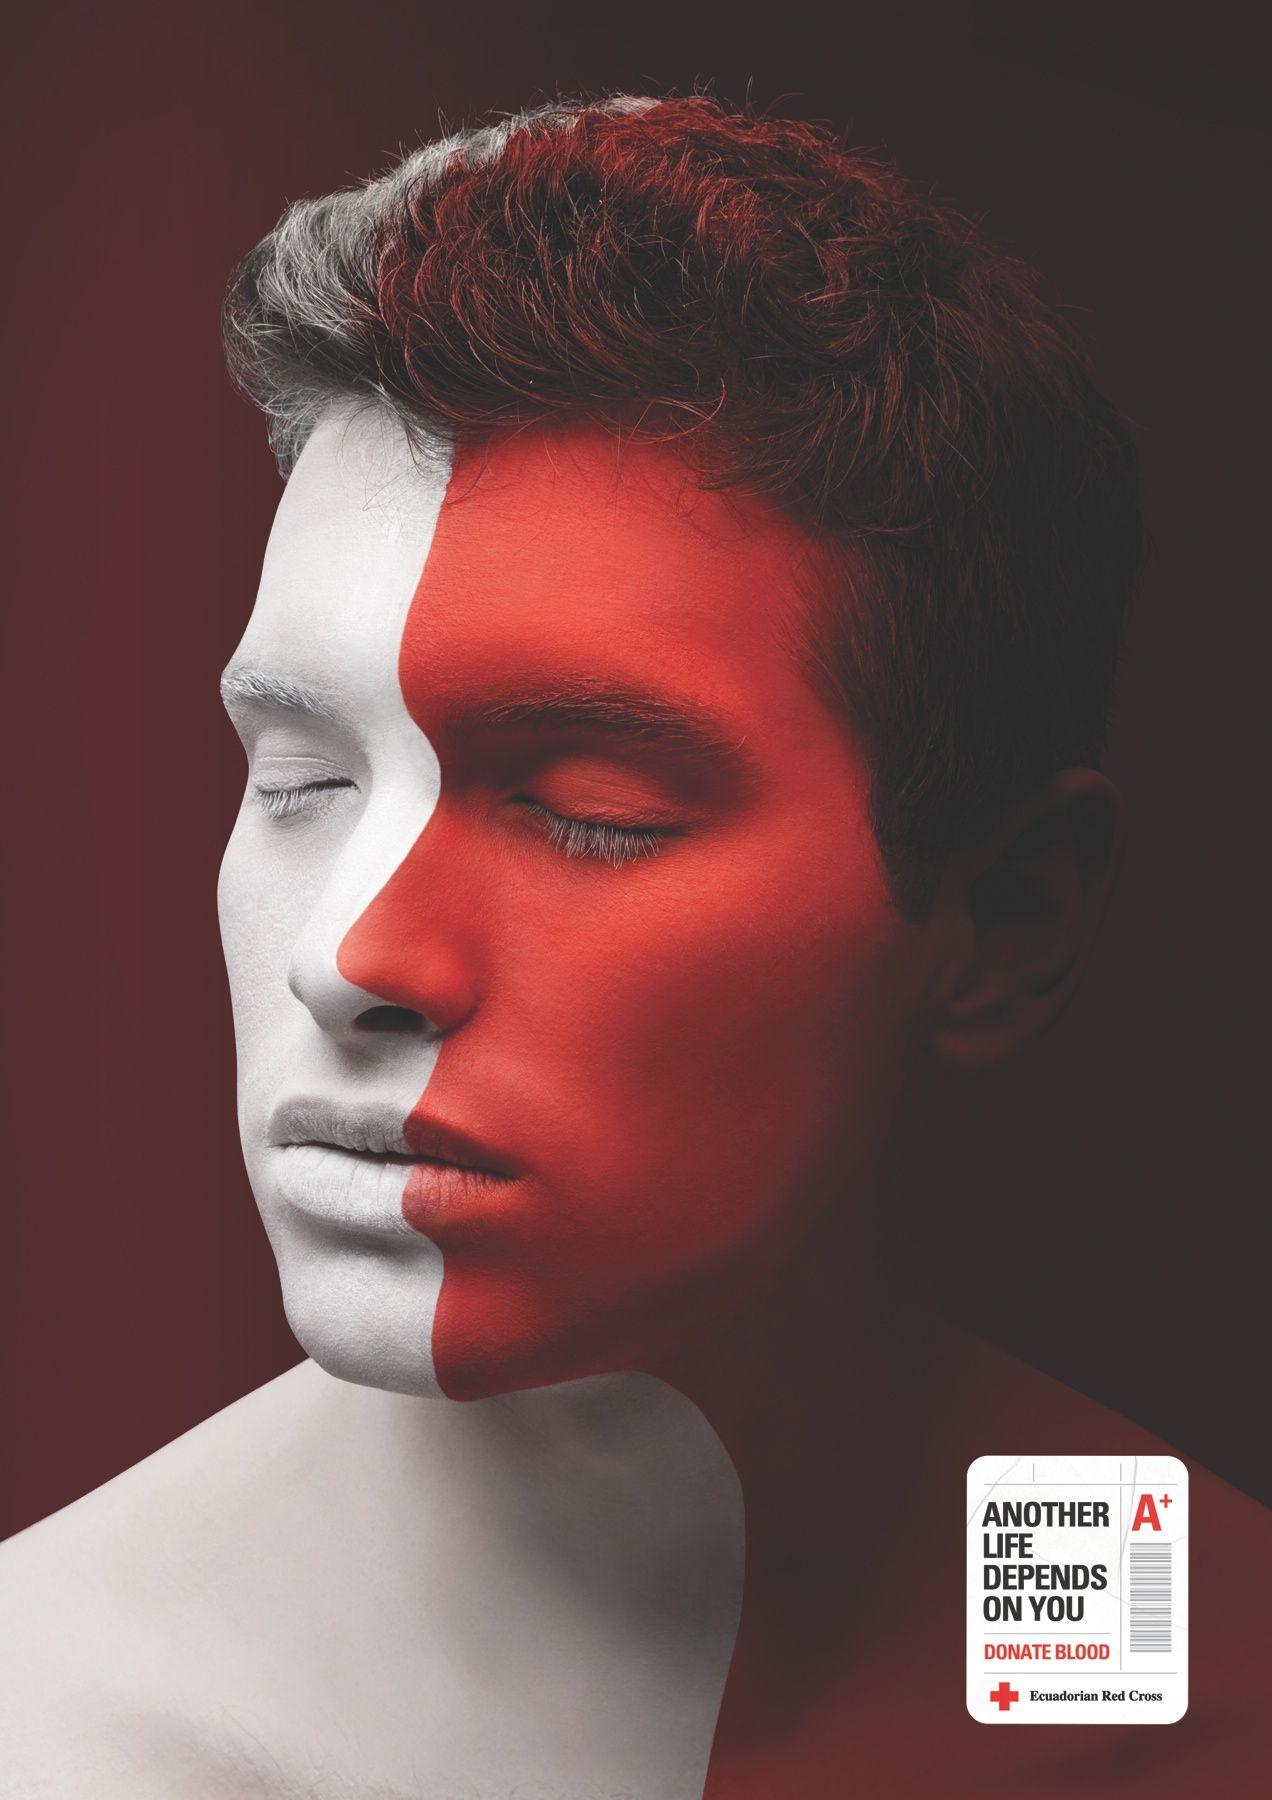 Ecuadorian red cross life inside life a print ad for